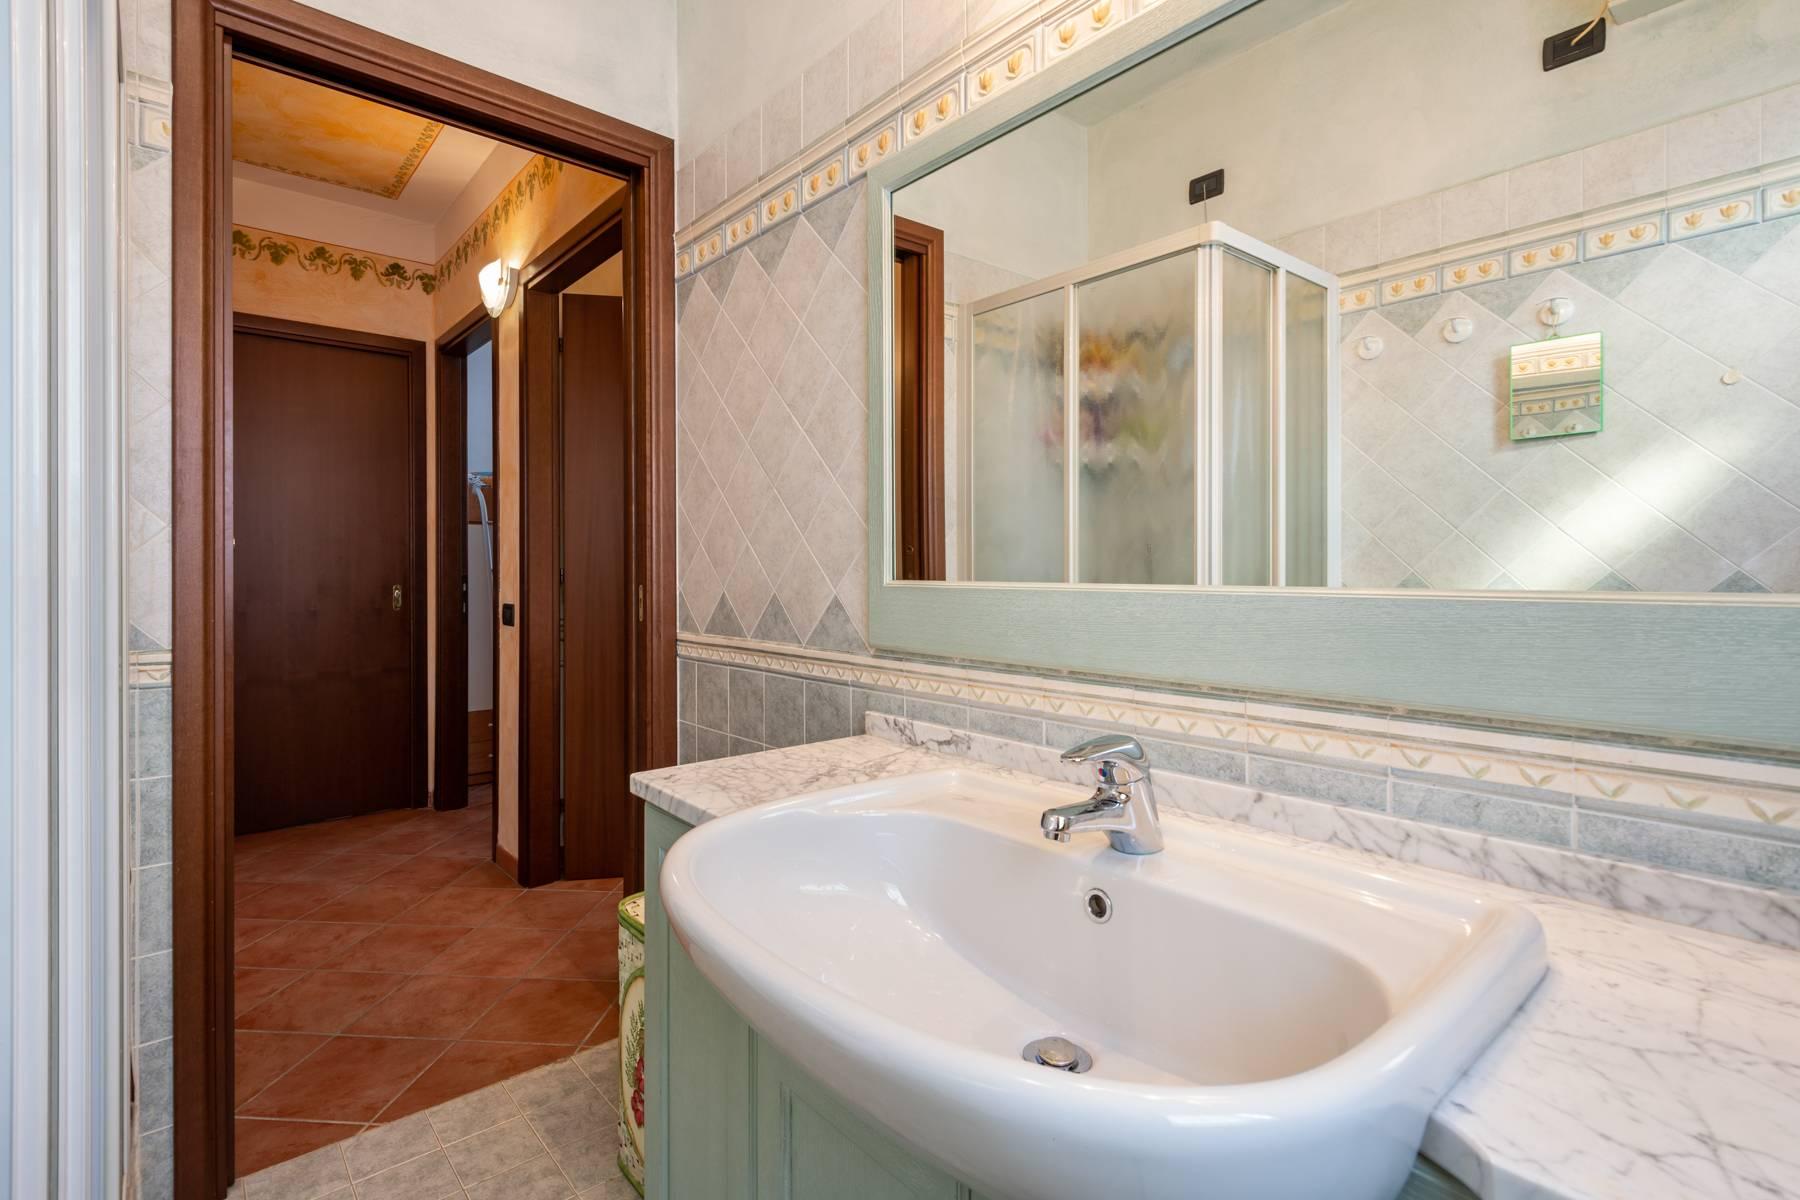 Casa indipendente in Vendita a Toscolano-Maderno: 4 locali, 76 mq - Foto 15